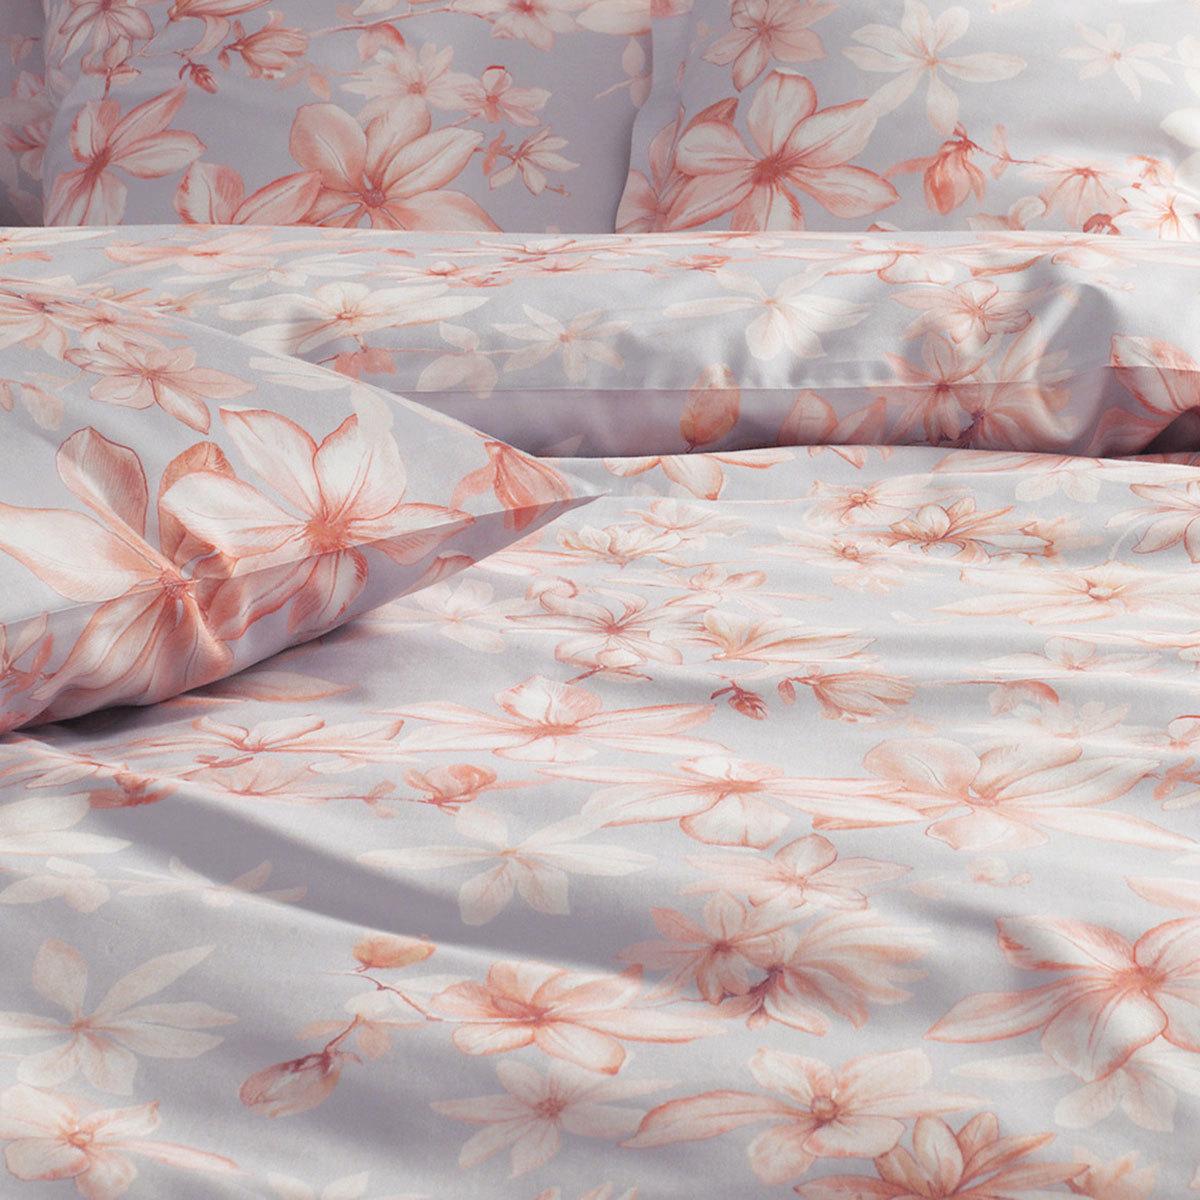 elegante mako satin bettw sche fairy apricot g nstig online kaufen bei bettwaren shop. Black Bedroom Furniture Sets. Home Design Ideas